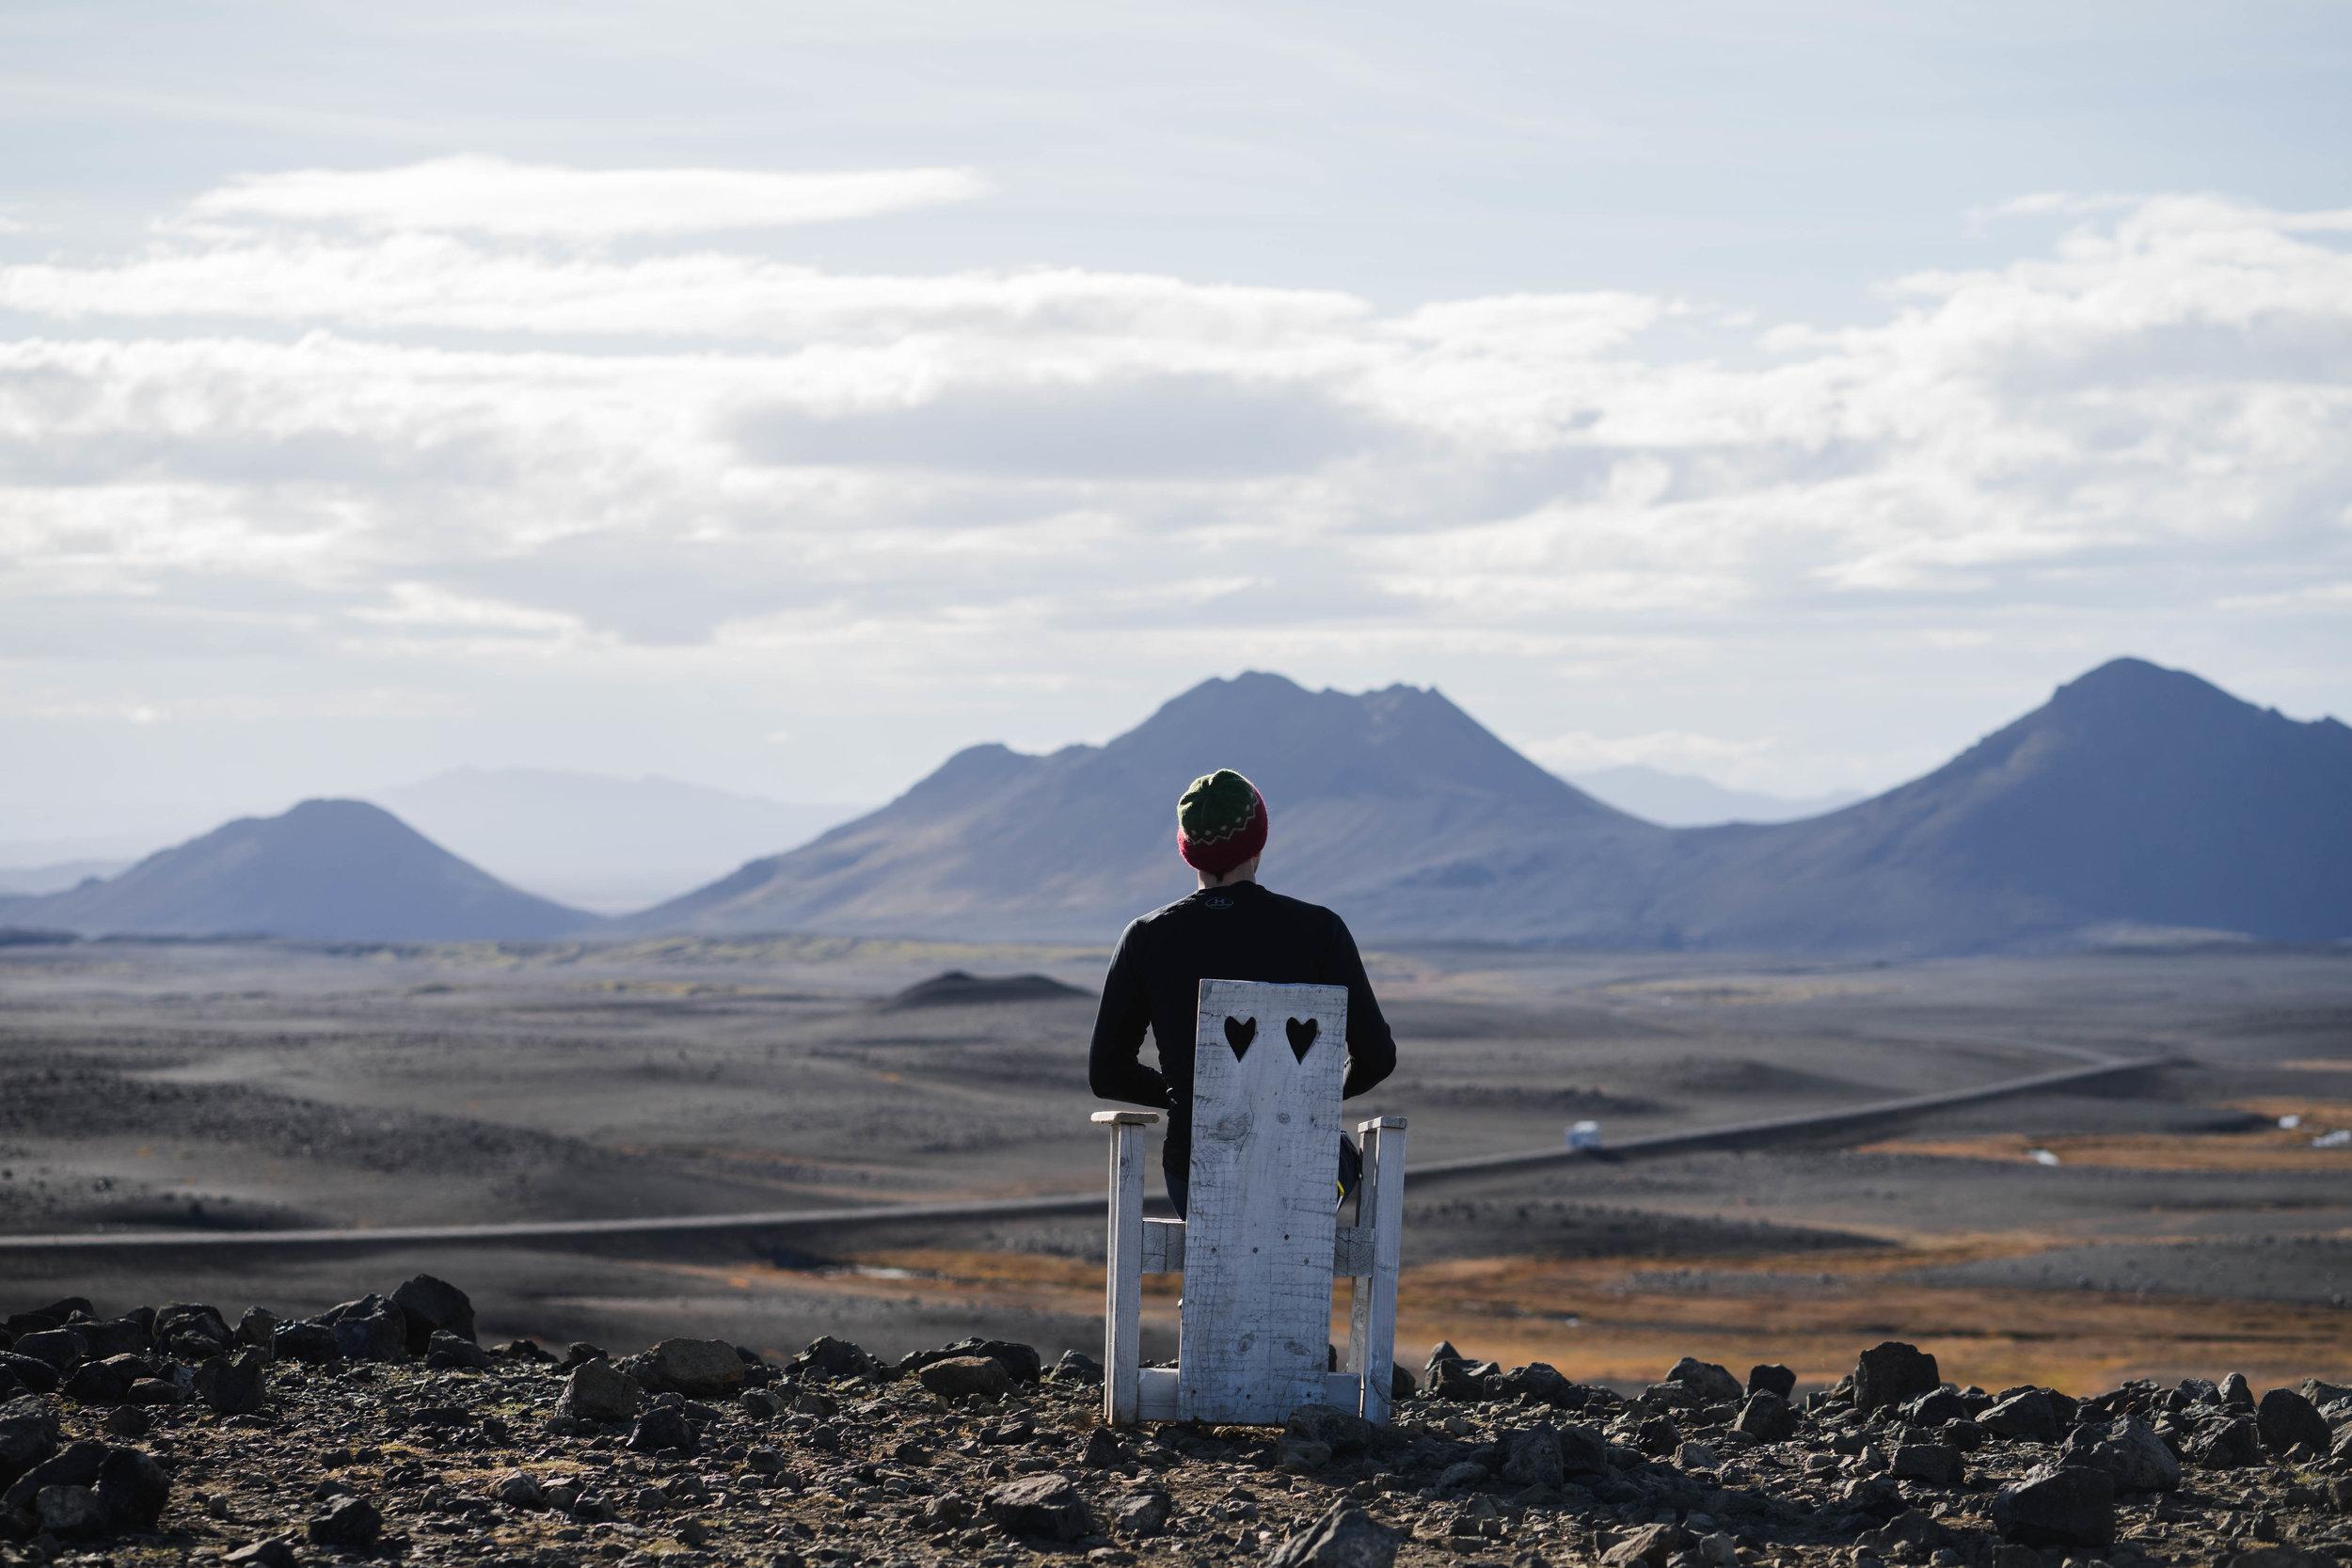 Iceland - 00773-2 - Chris Goetchius 2017.jpg